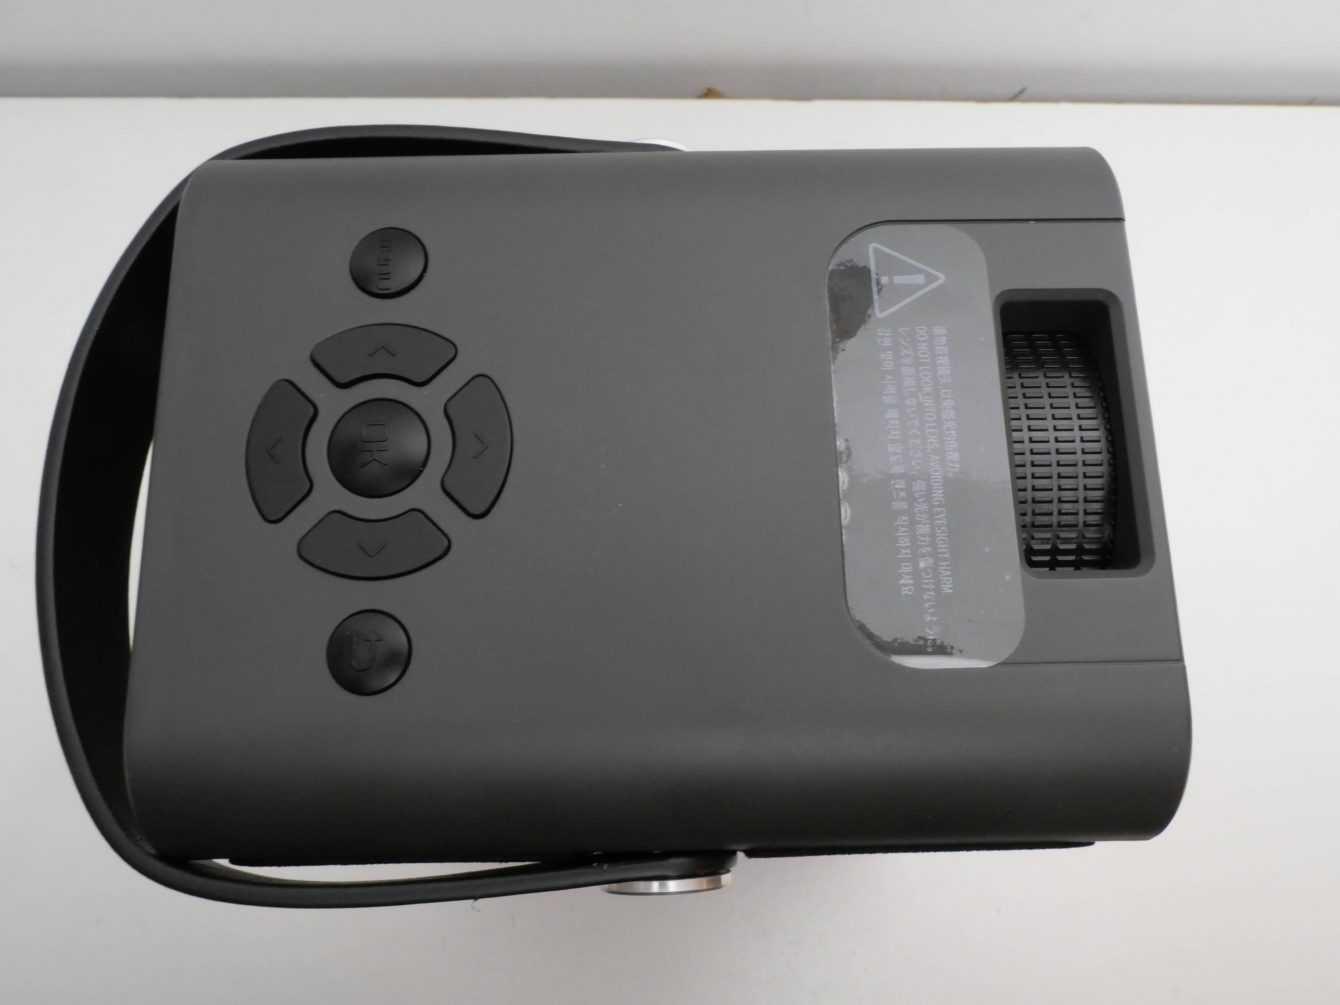 Recensione Artlii Play Pro: un proiettore portatile smart tutto da scoprire